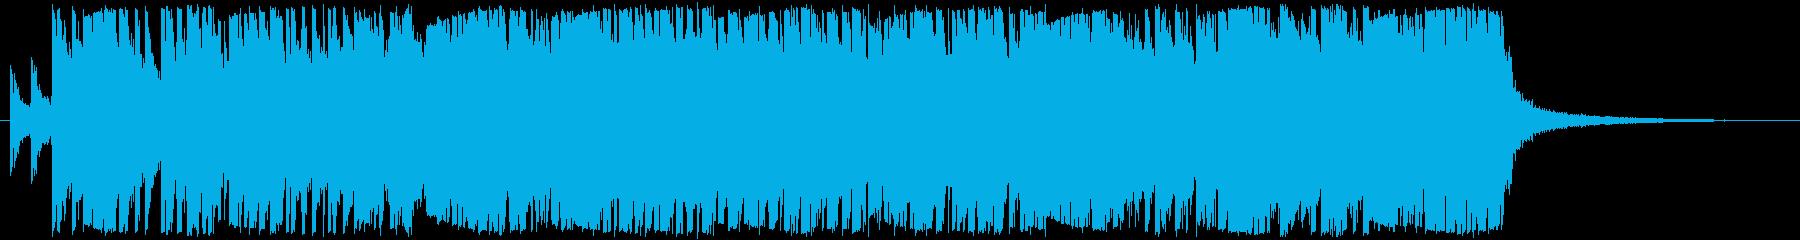 三味線メタル、力強い、疾走感、掛け声入りの再生済みの波形